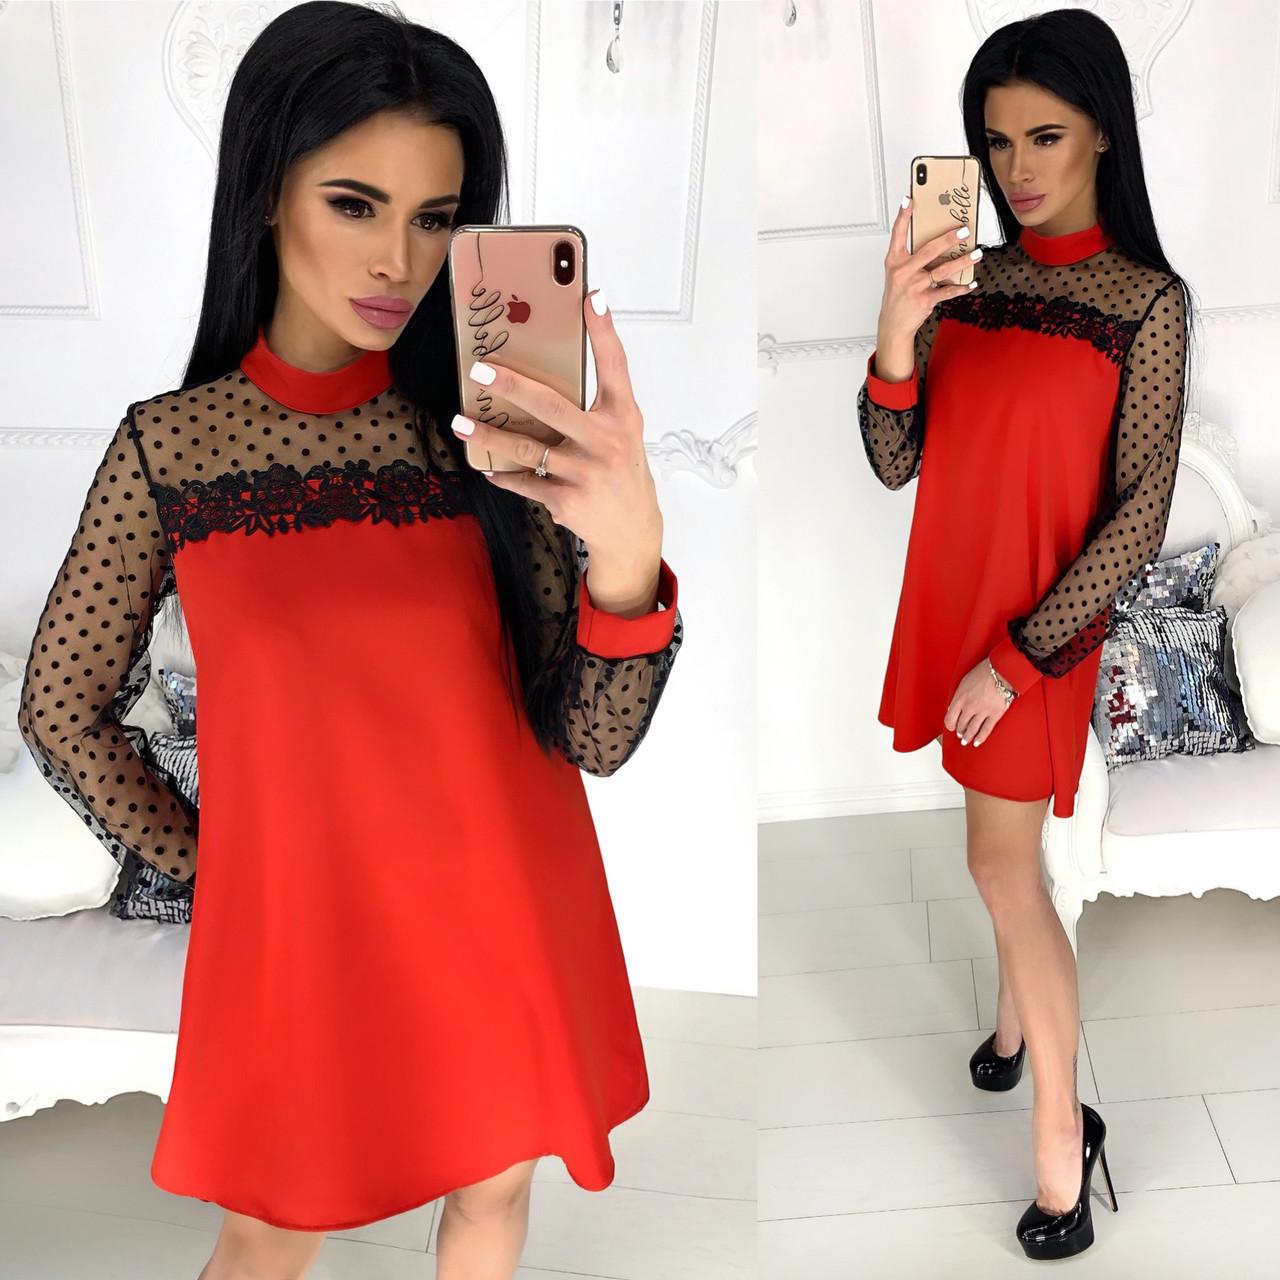 f8190b5b298f8b3 Нарядное платье с сеточкой и кружевом. Красное, 4 цвета. - Bonoshop.in